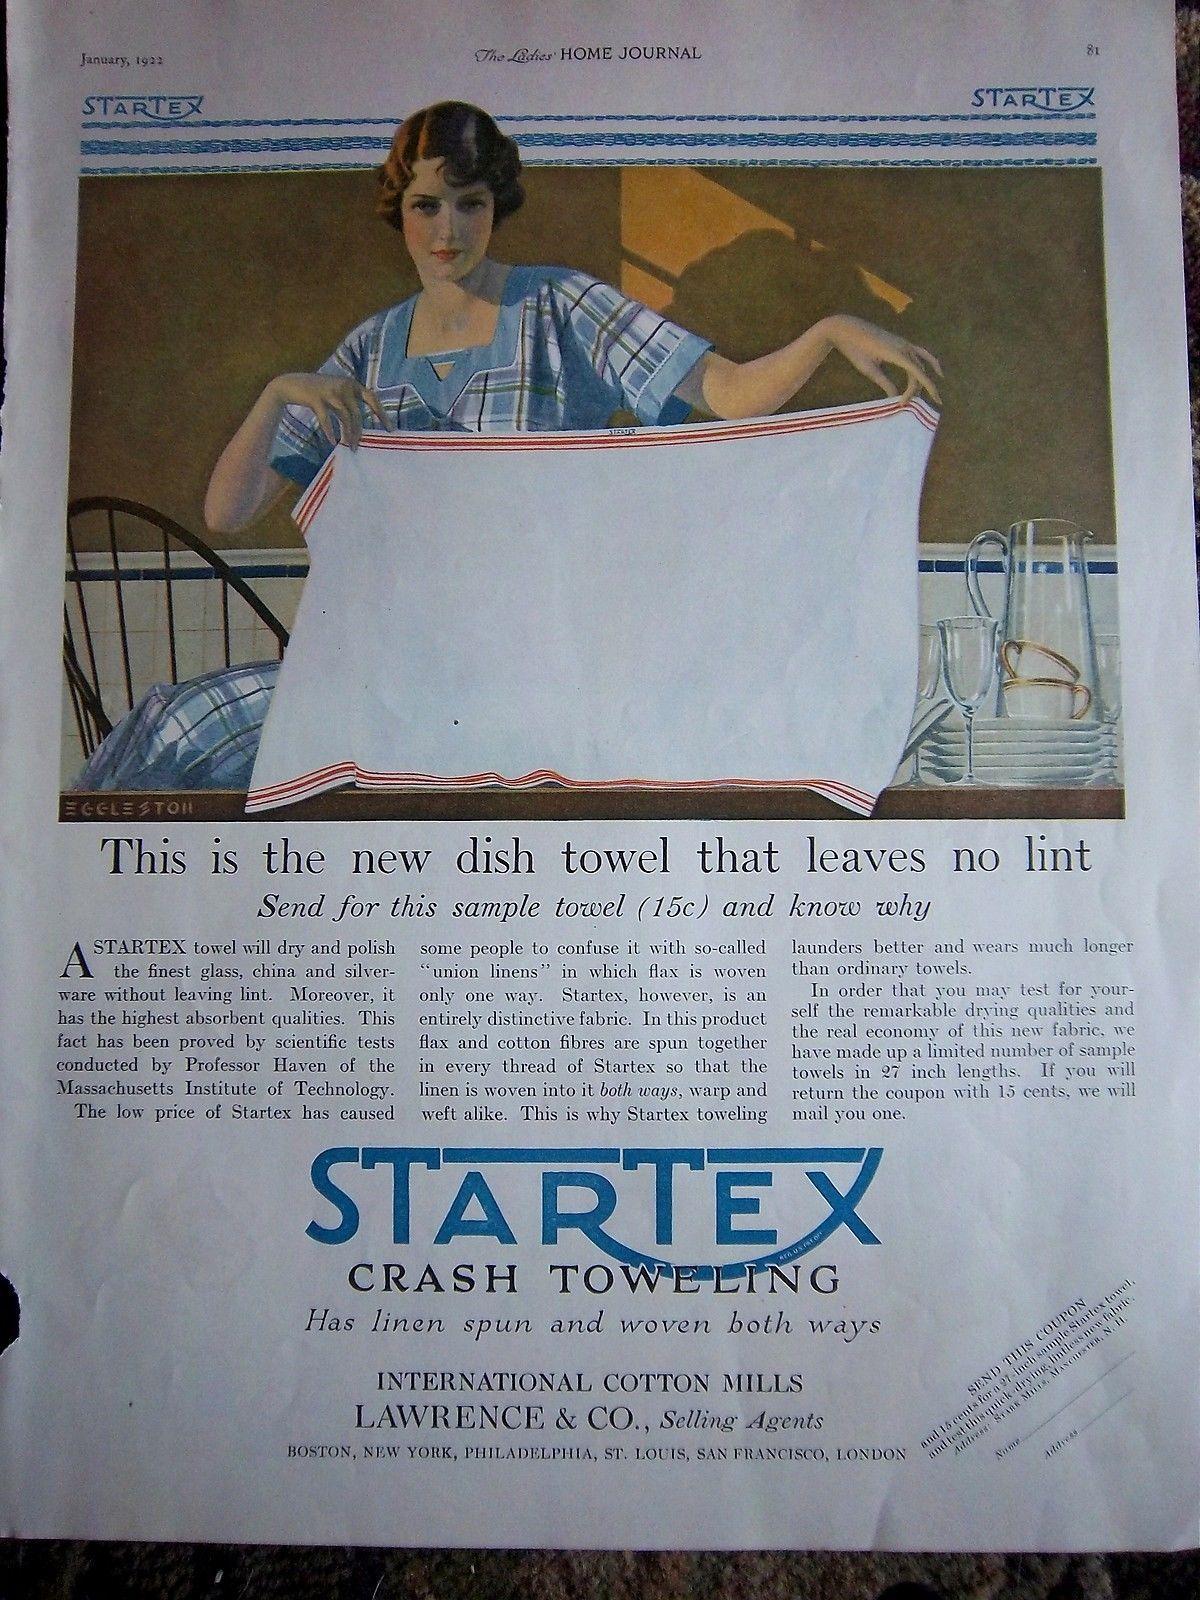 1922 Vintage Startex Kitchen Linen Dish Towel Textile No Lint